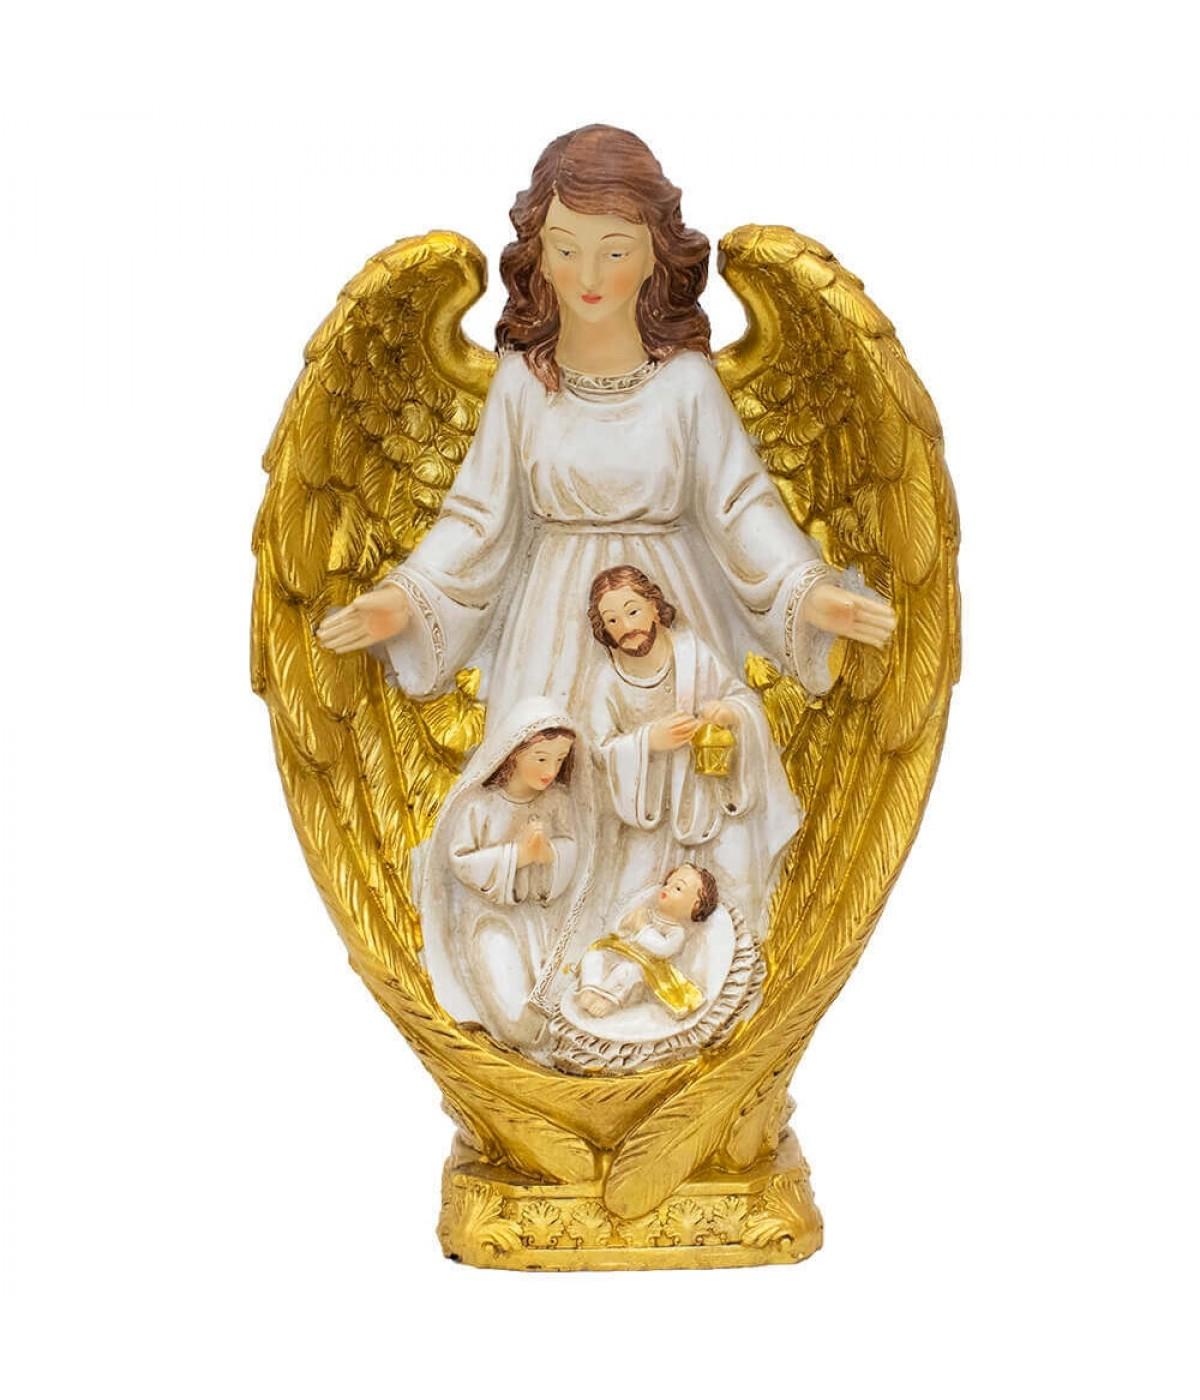 Presépio Sagrada Família 23cm - Enfeite Resina